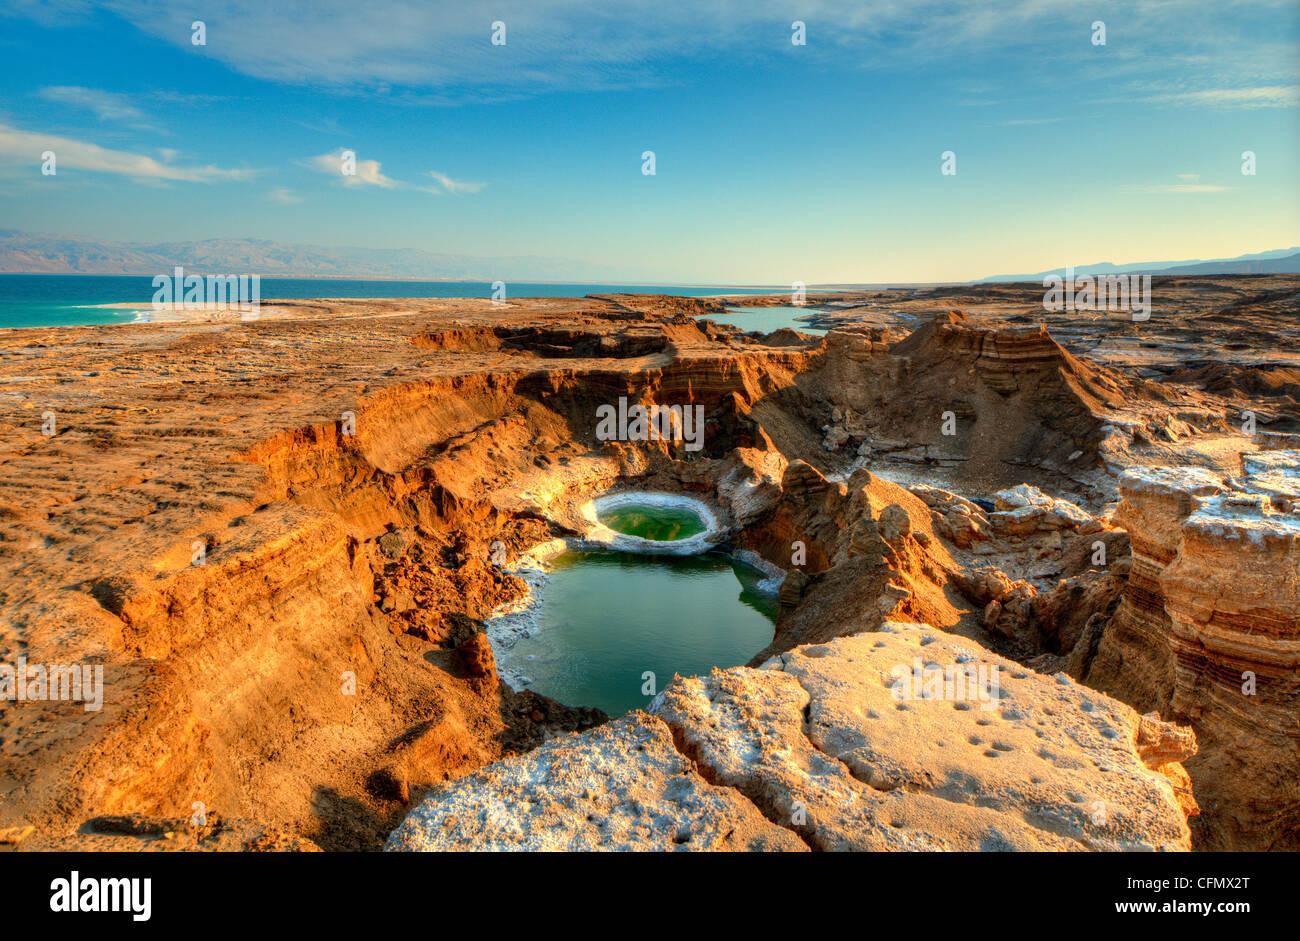 Fori di pozzo vicino al Mar Morto in Ein Gedi, Israele. Immagini Stock